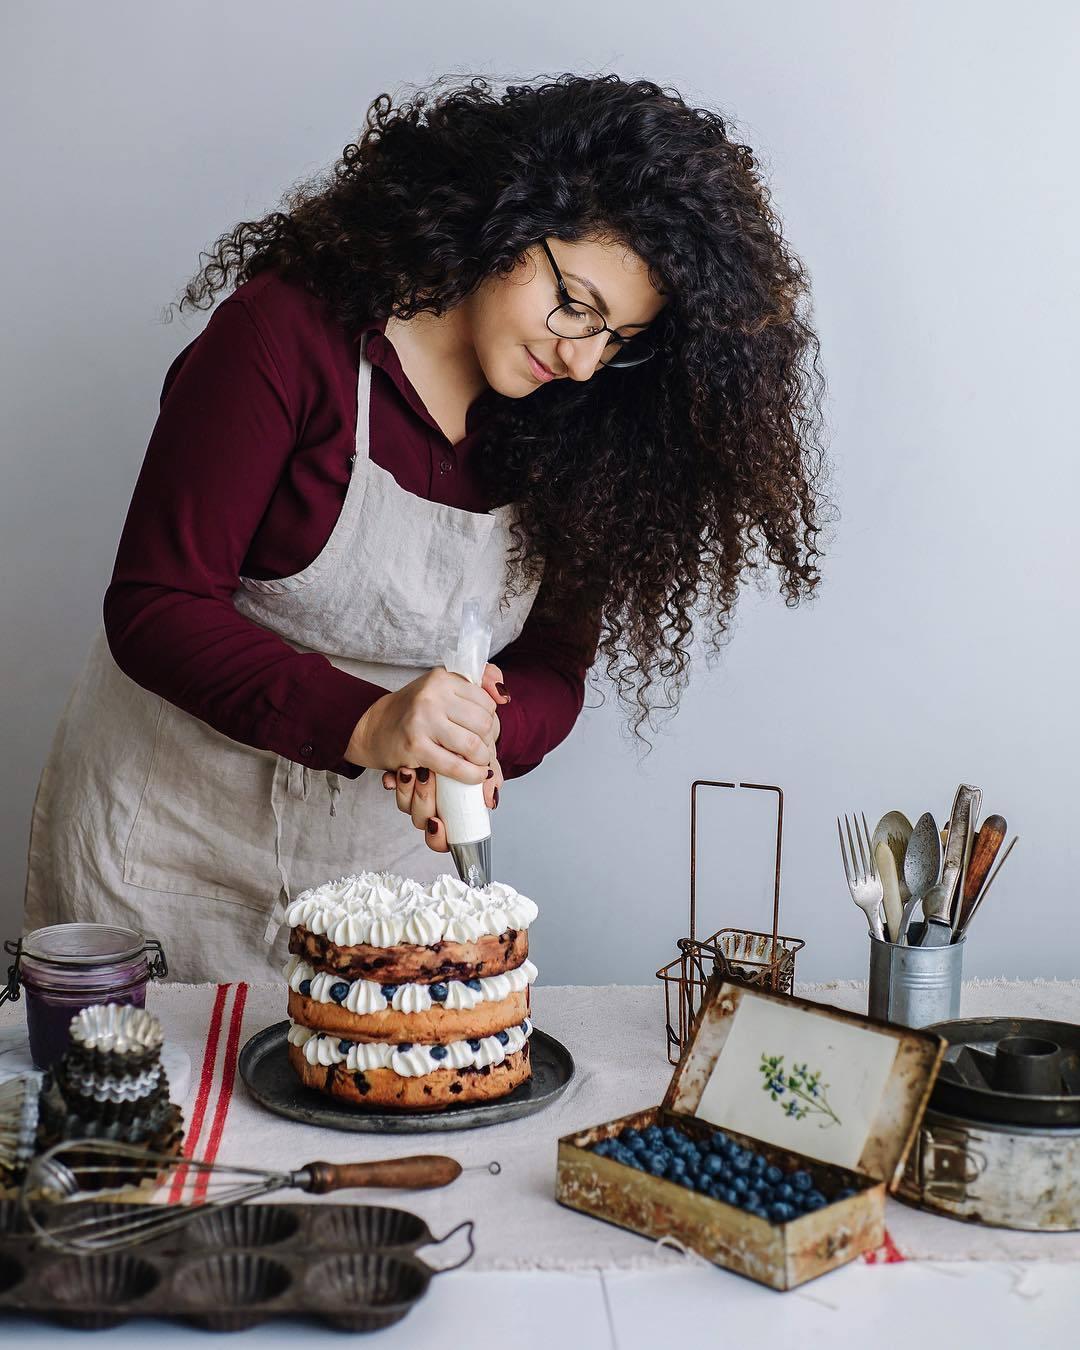 宠物-这位漂亮的美女蛋糕师,让猫咪来为蛋糕代言,将平淡无奇的蛋糕化腐朽为神奇(2)